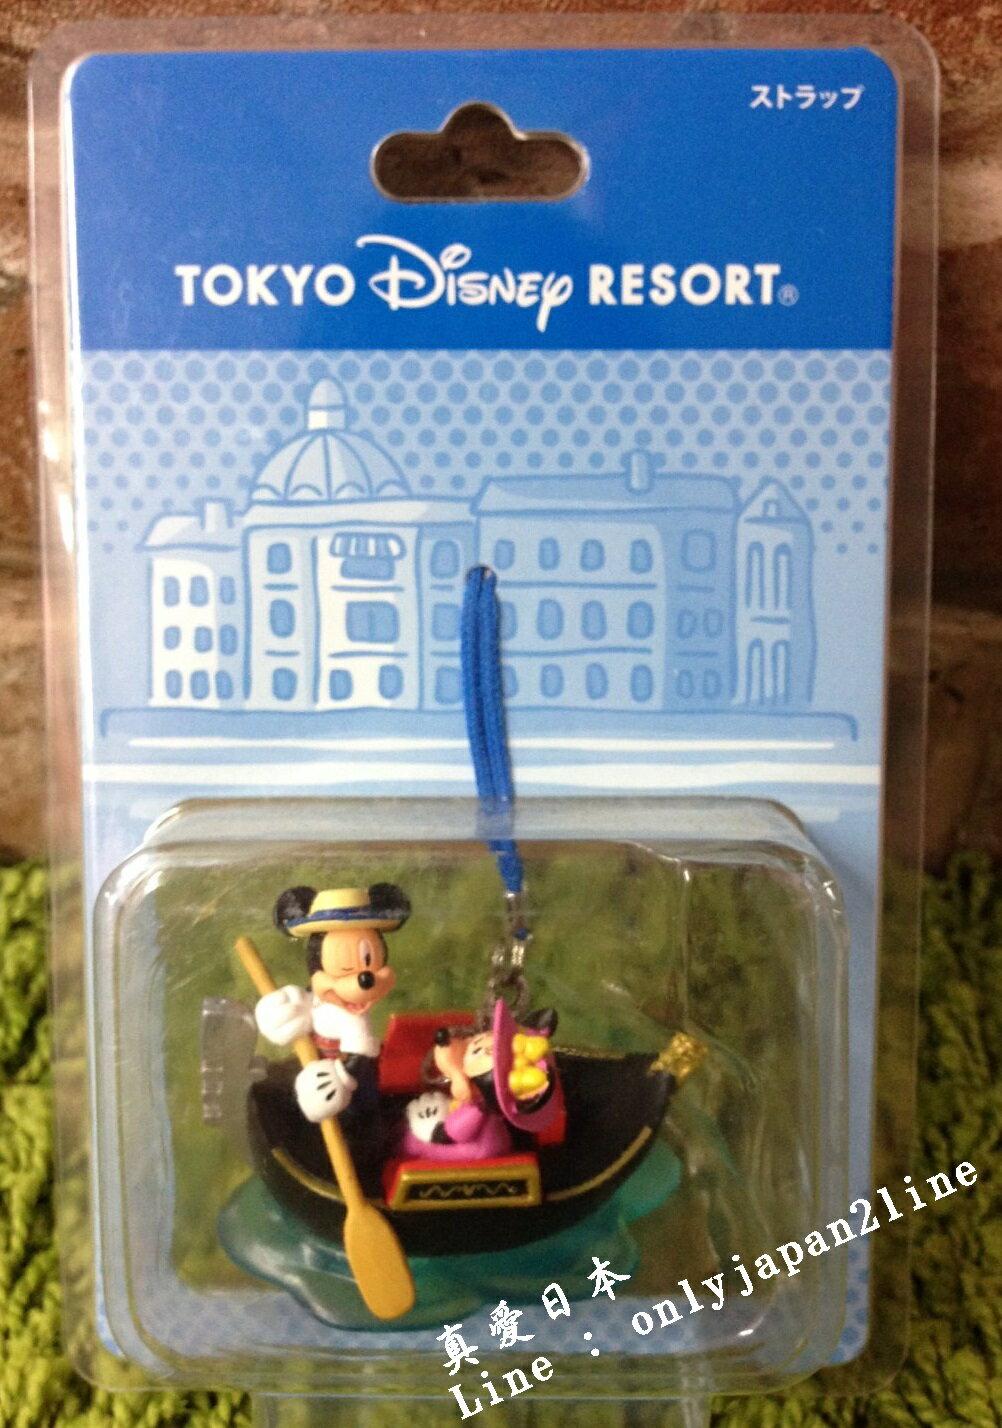 【真愛日本】16042100074 樂園遊樂場景吊飾-貢多拉 迪士尼 Disney 場景 吊飾 擺飾 限量